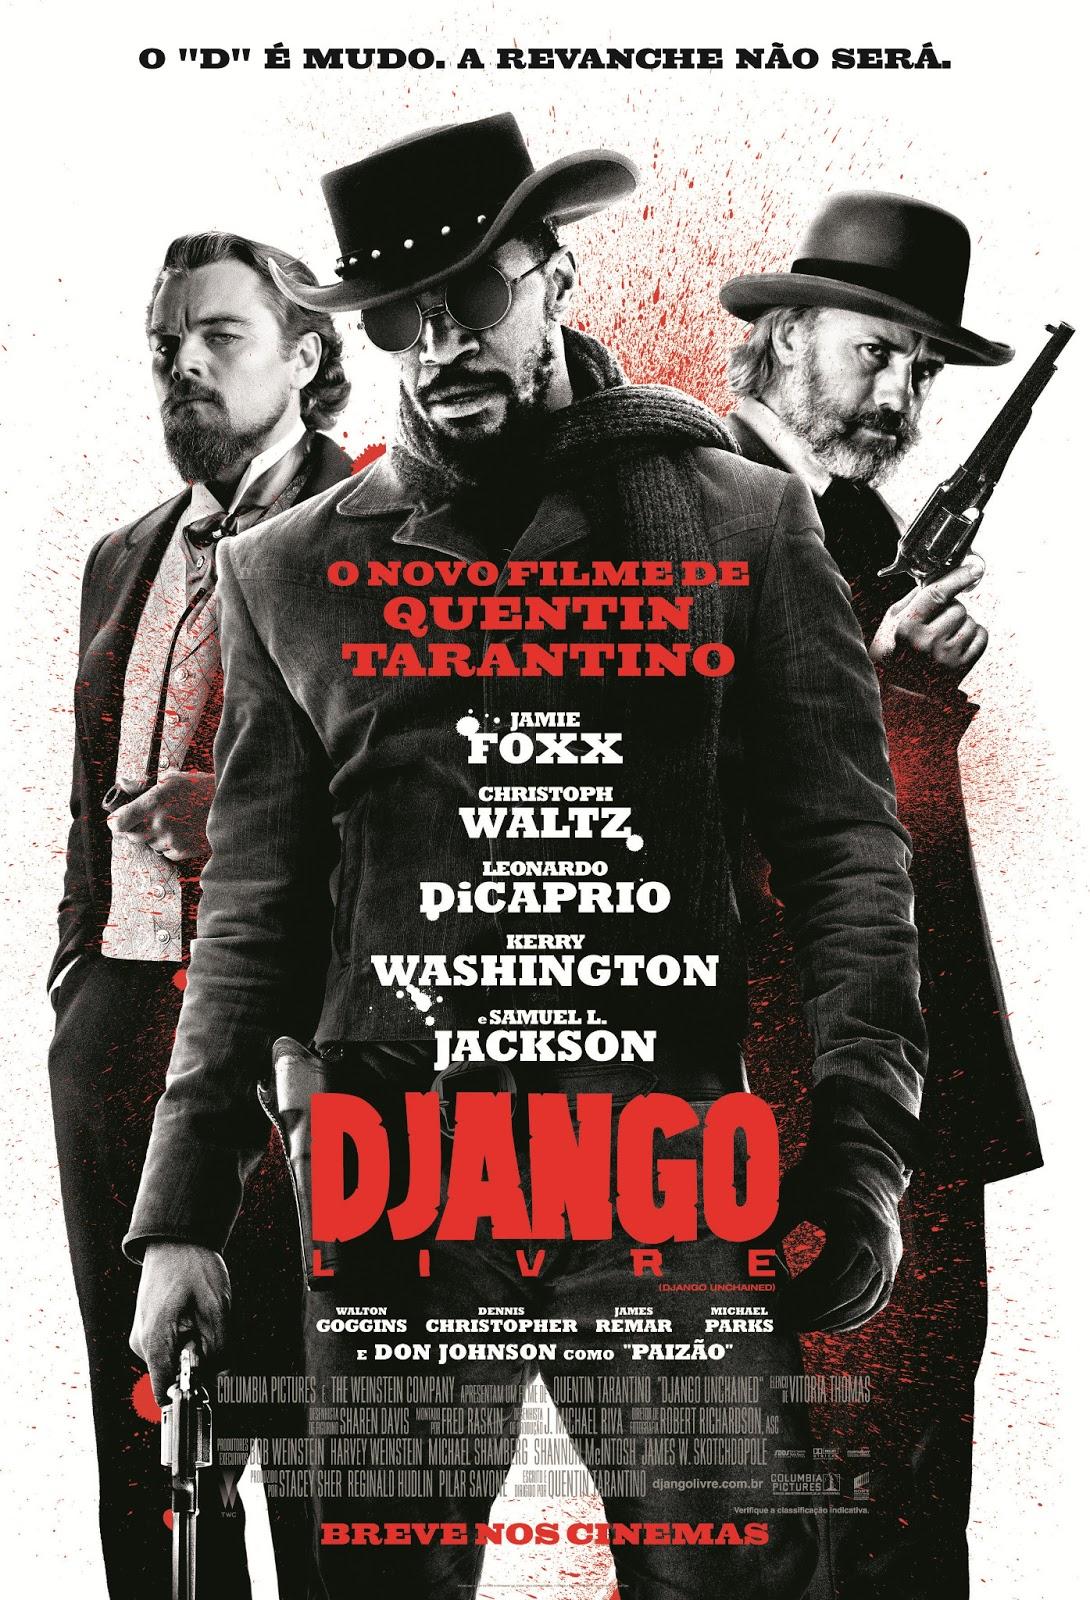 Django Livre Dublado